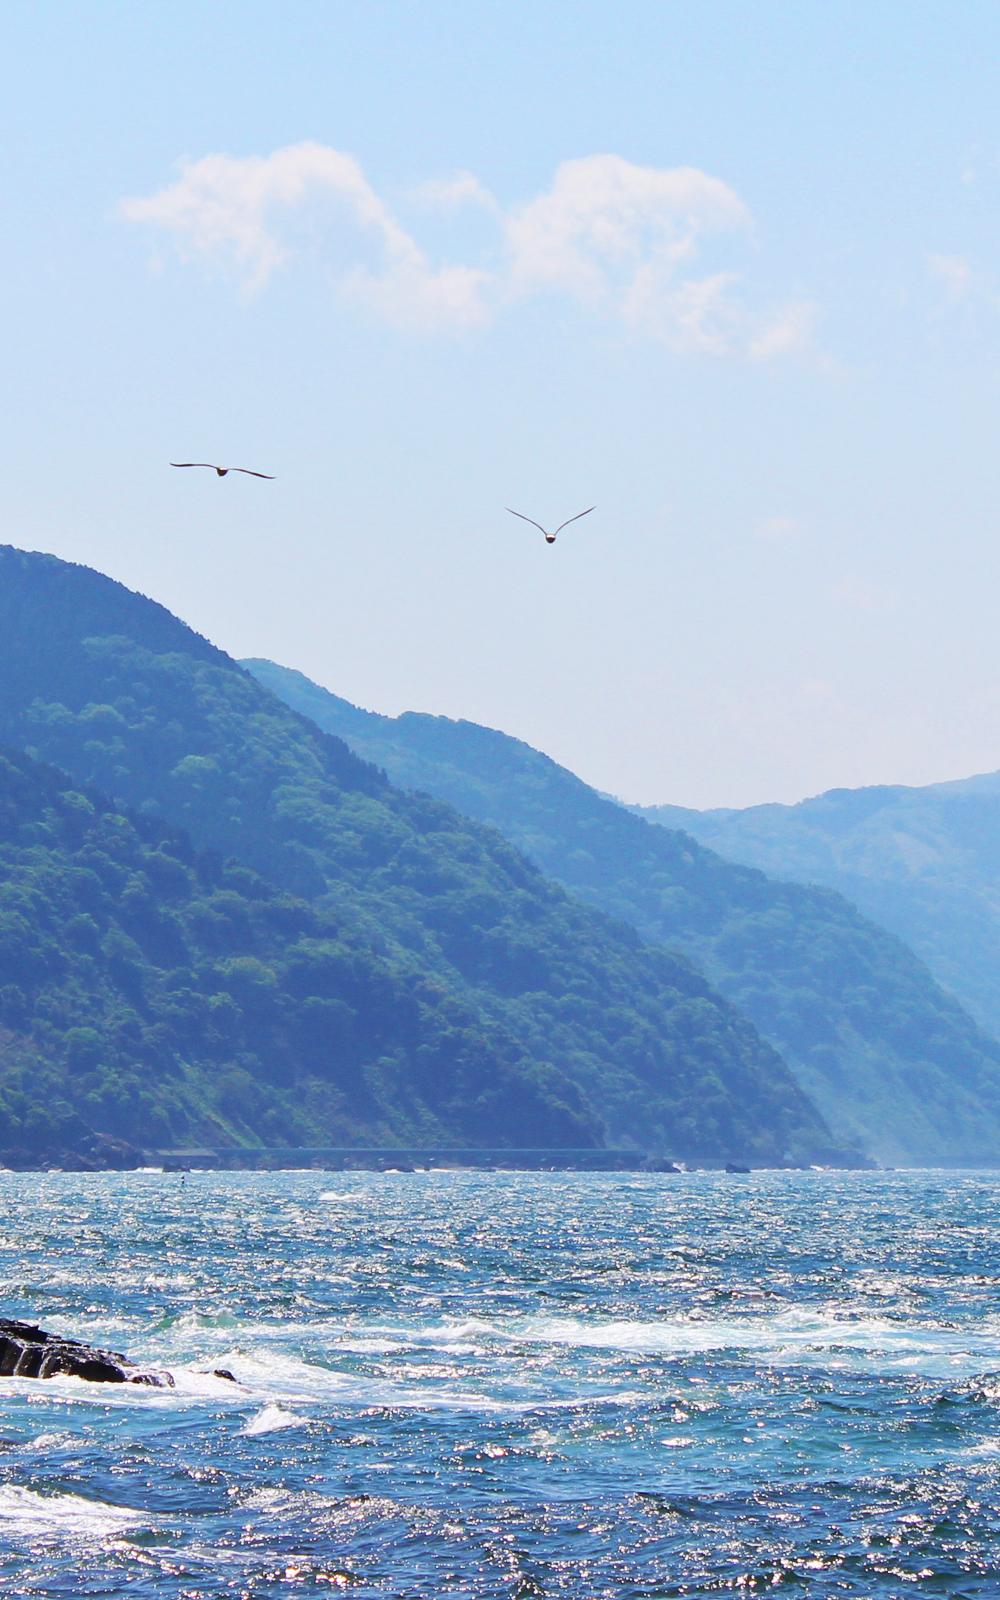 海と空を飛ぶカモメの写真画像(P026)